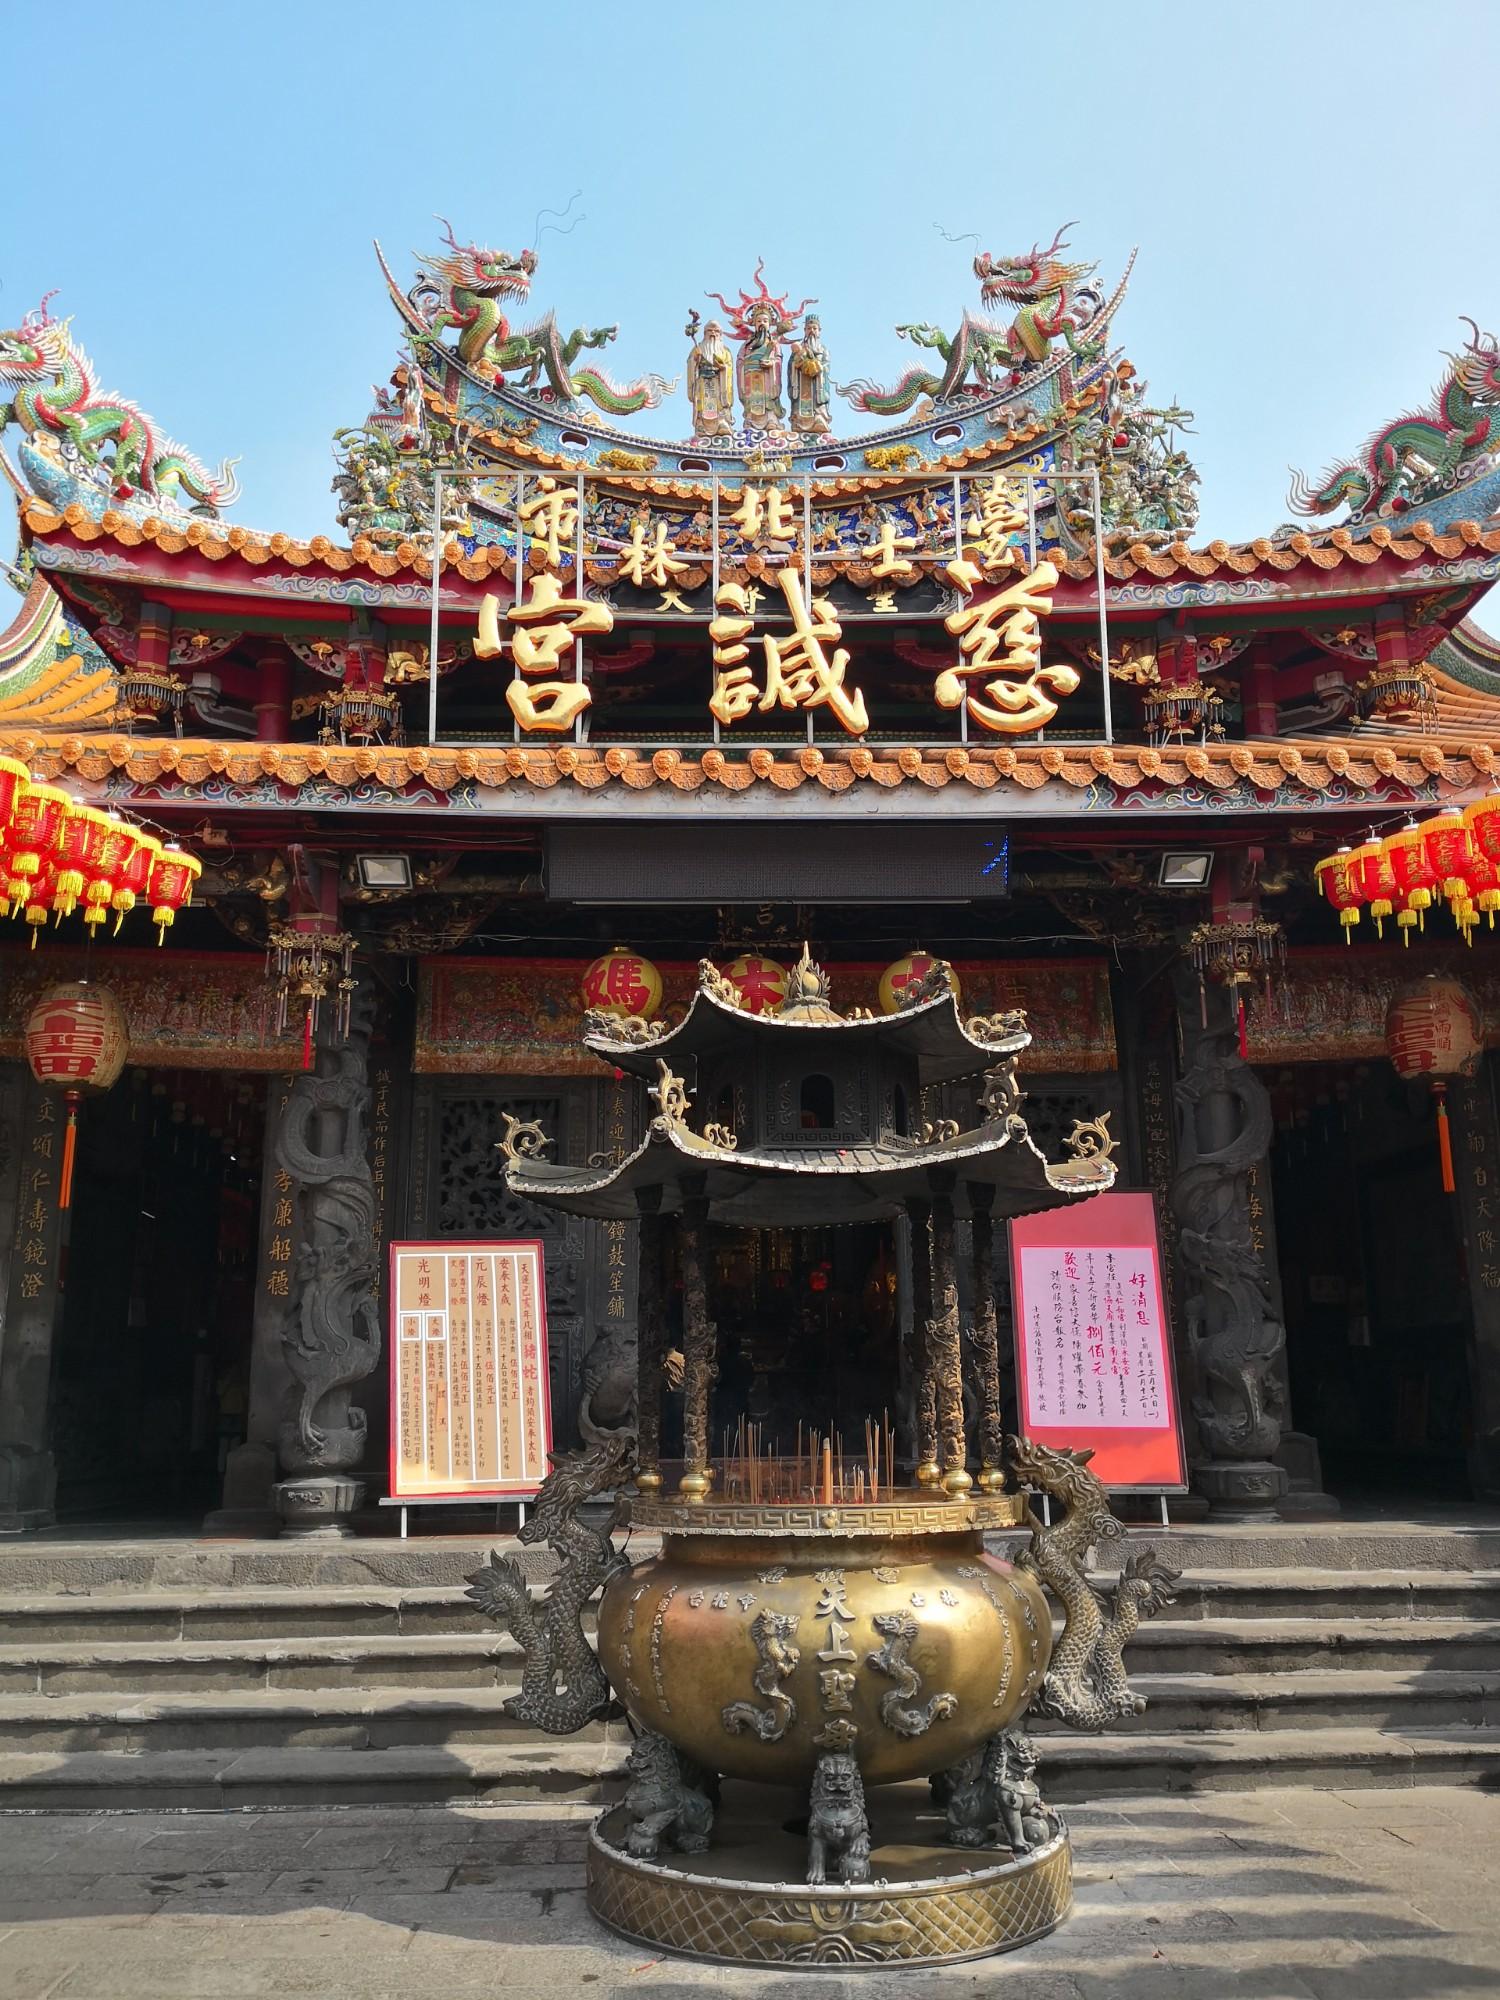 士林市場観光 士林慈諴宮 台湾旅行ブログ